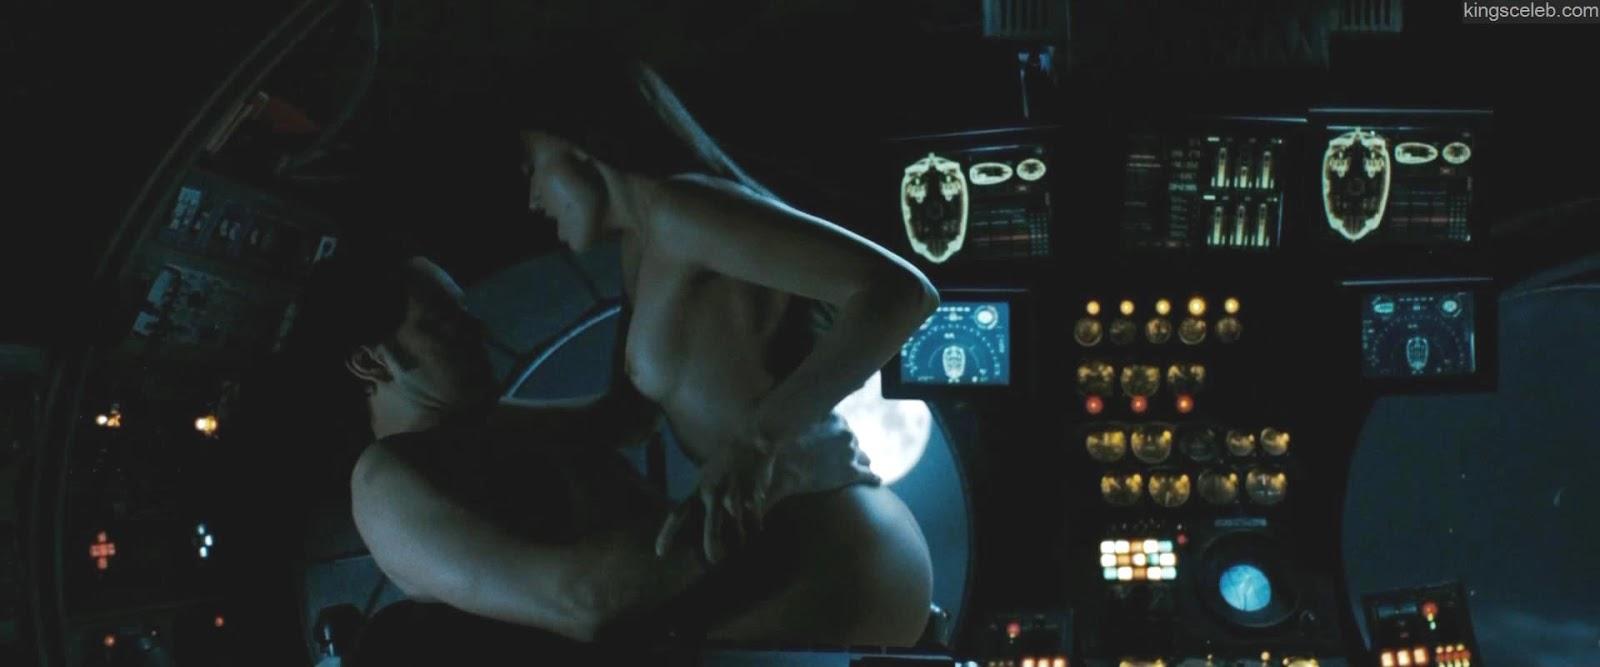 Watchmen Sex Scene - BuzzFeed